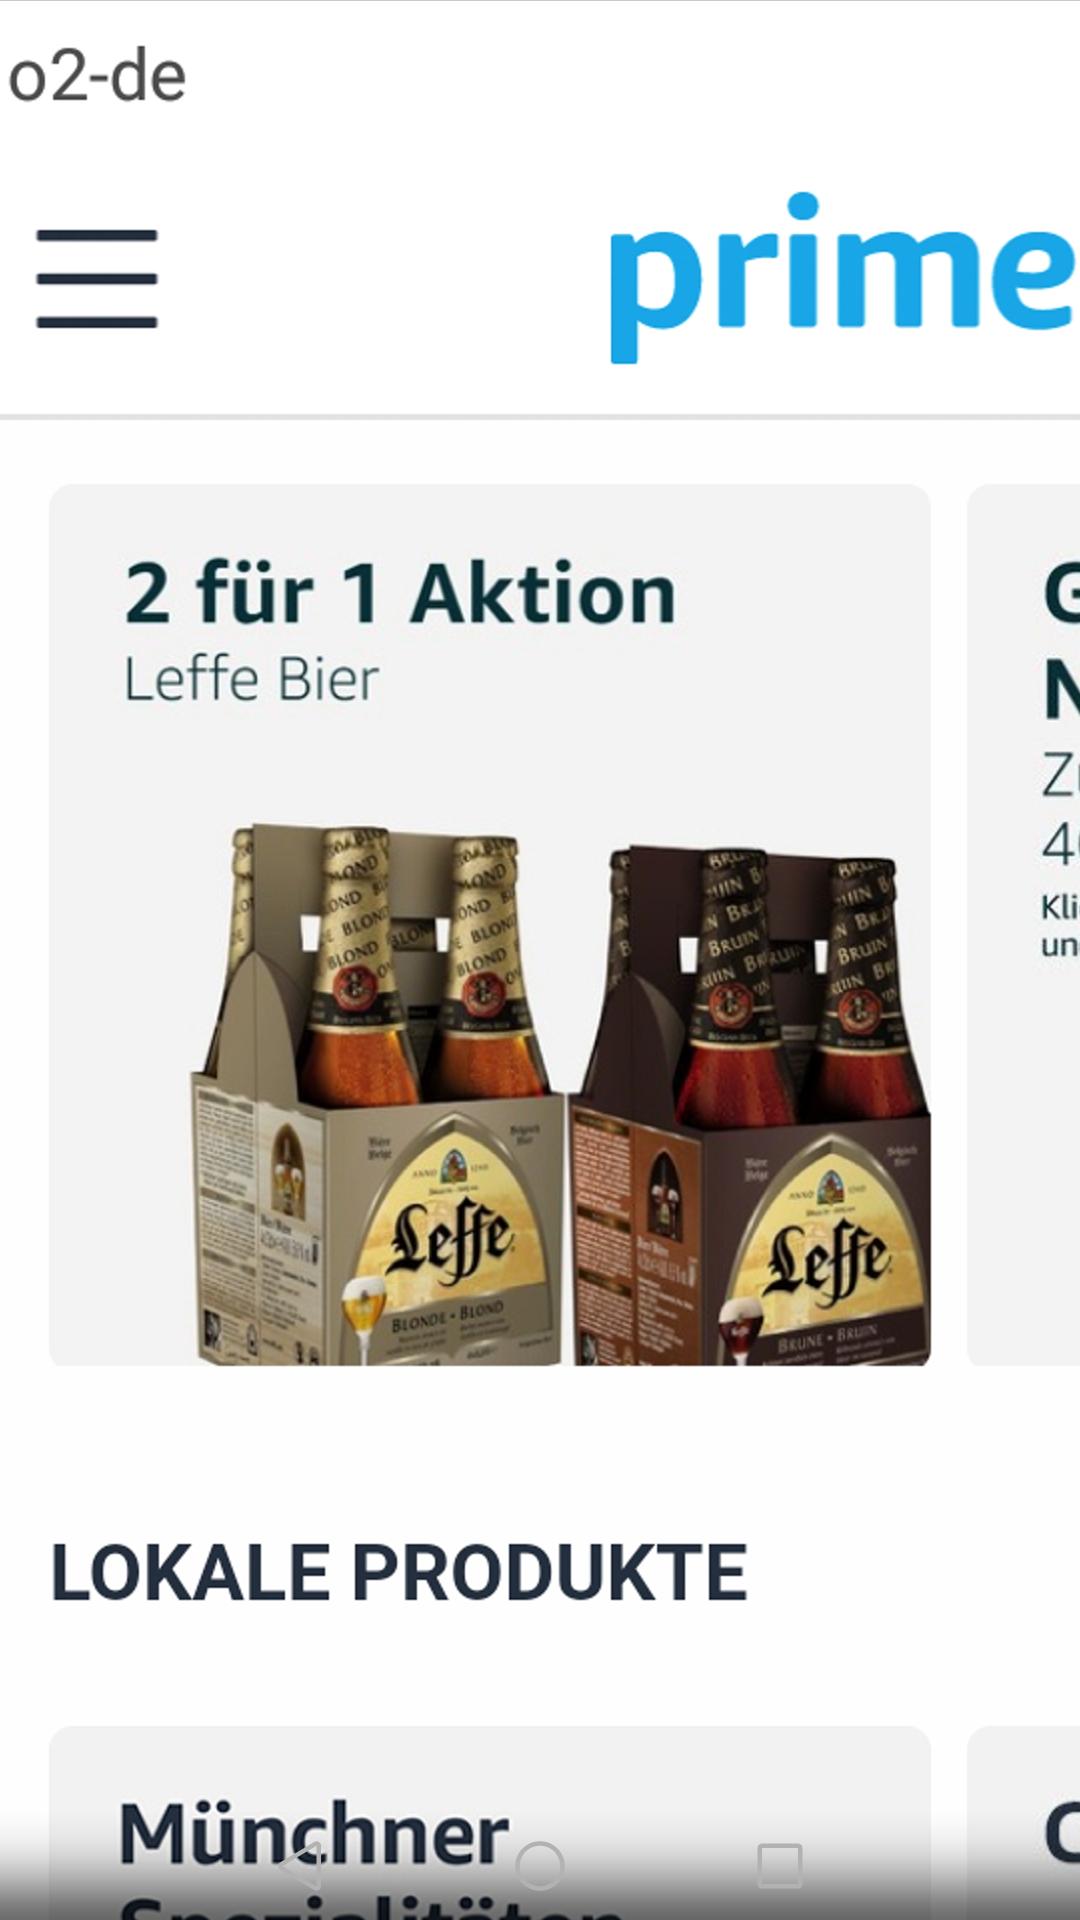 *Lokal Berlin & München* 4er-Pack Belgisches Leffe Bier 2 für 1 (0,75€ pro Flasche) Amazon PrimeNow